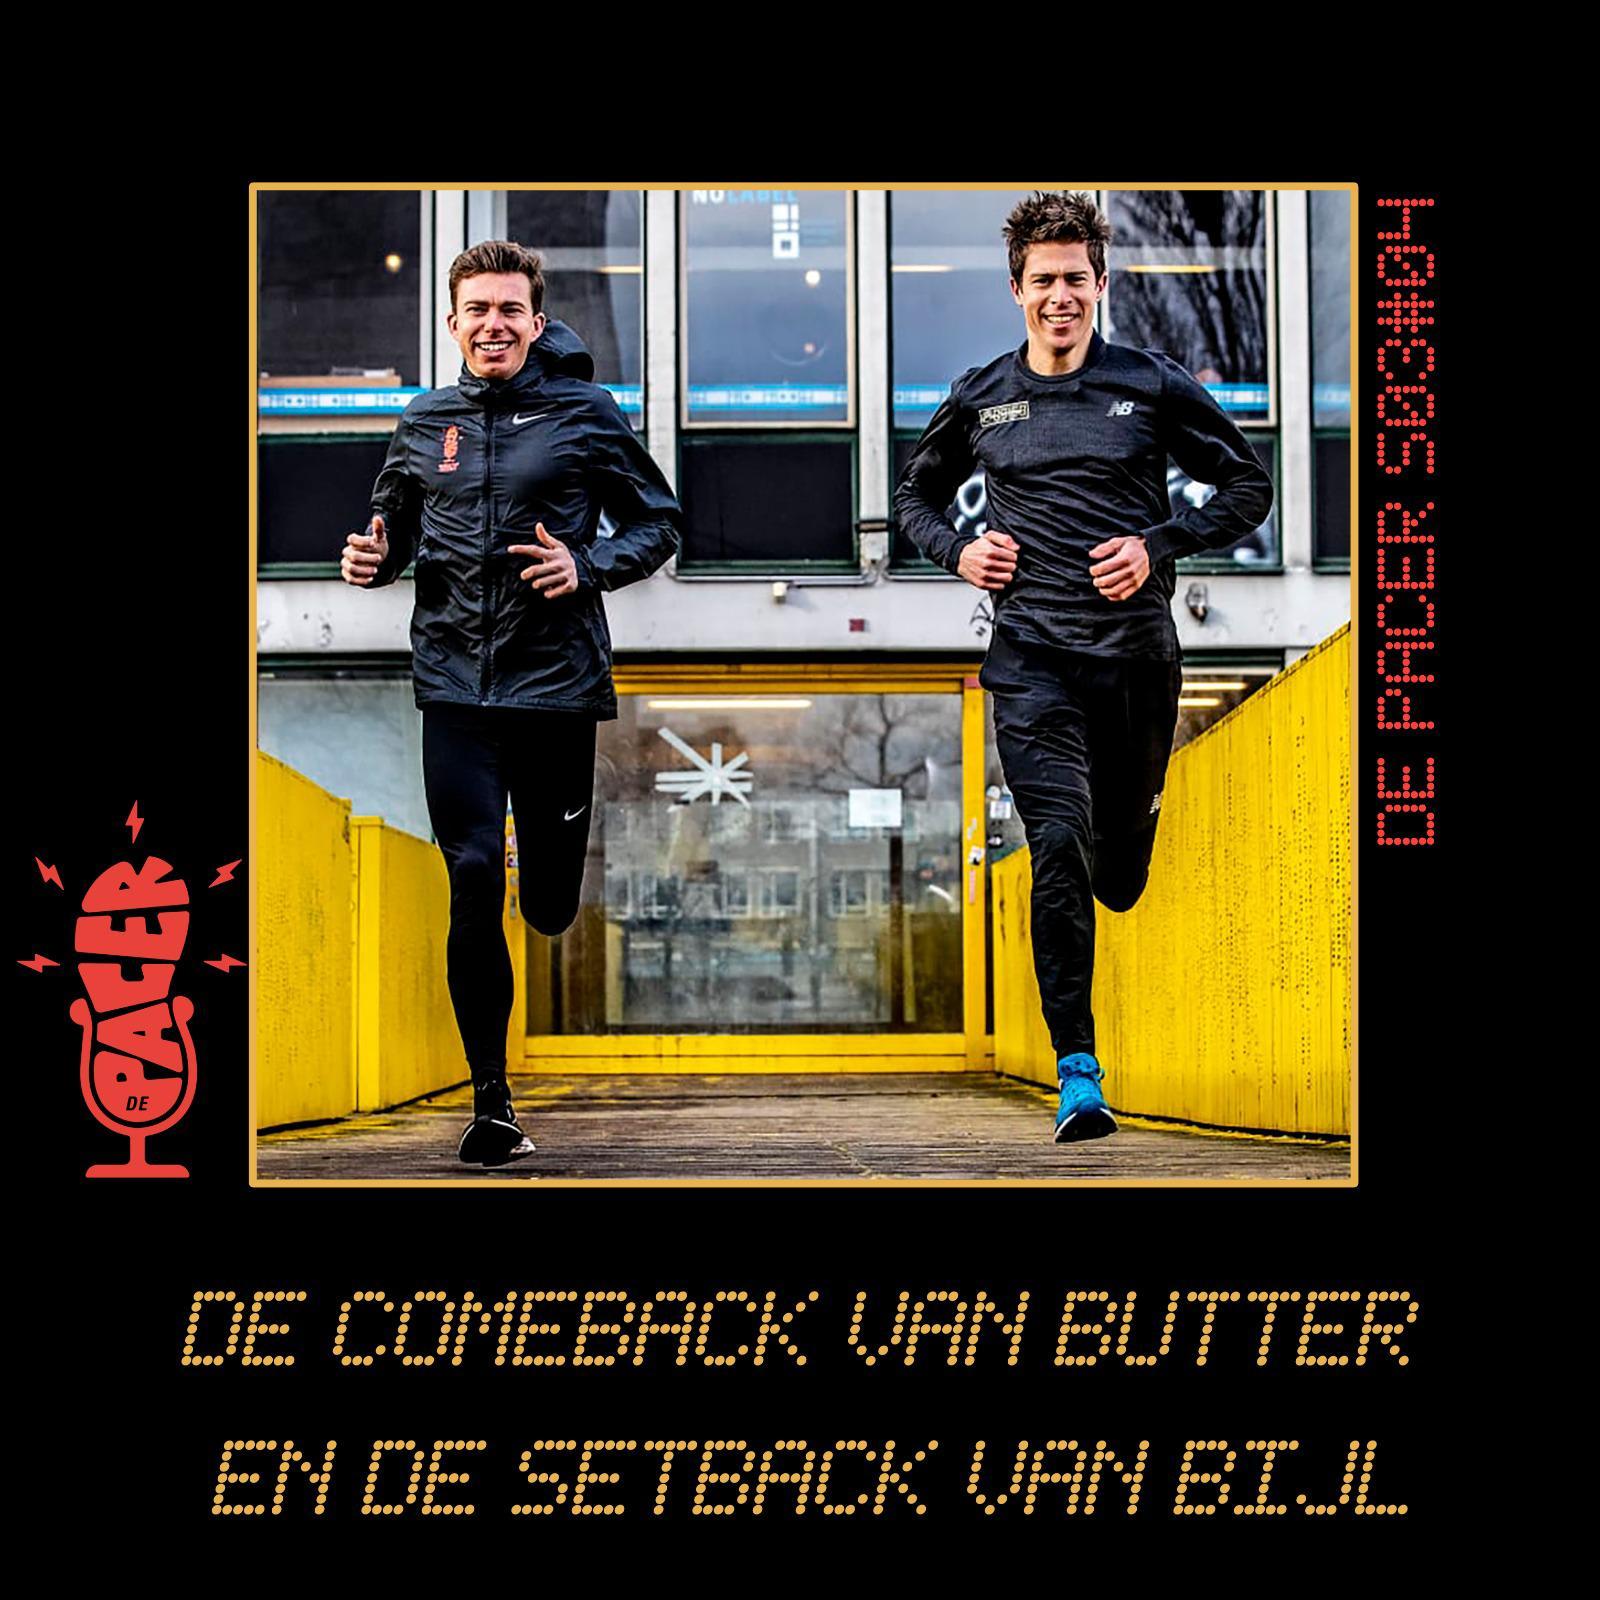 De comeback van Butter & de setback van Bijl